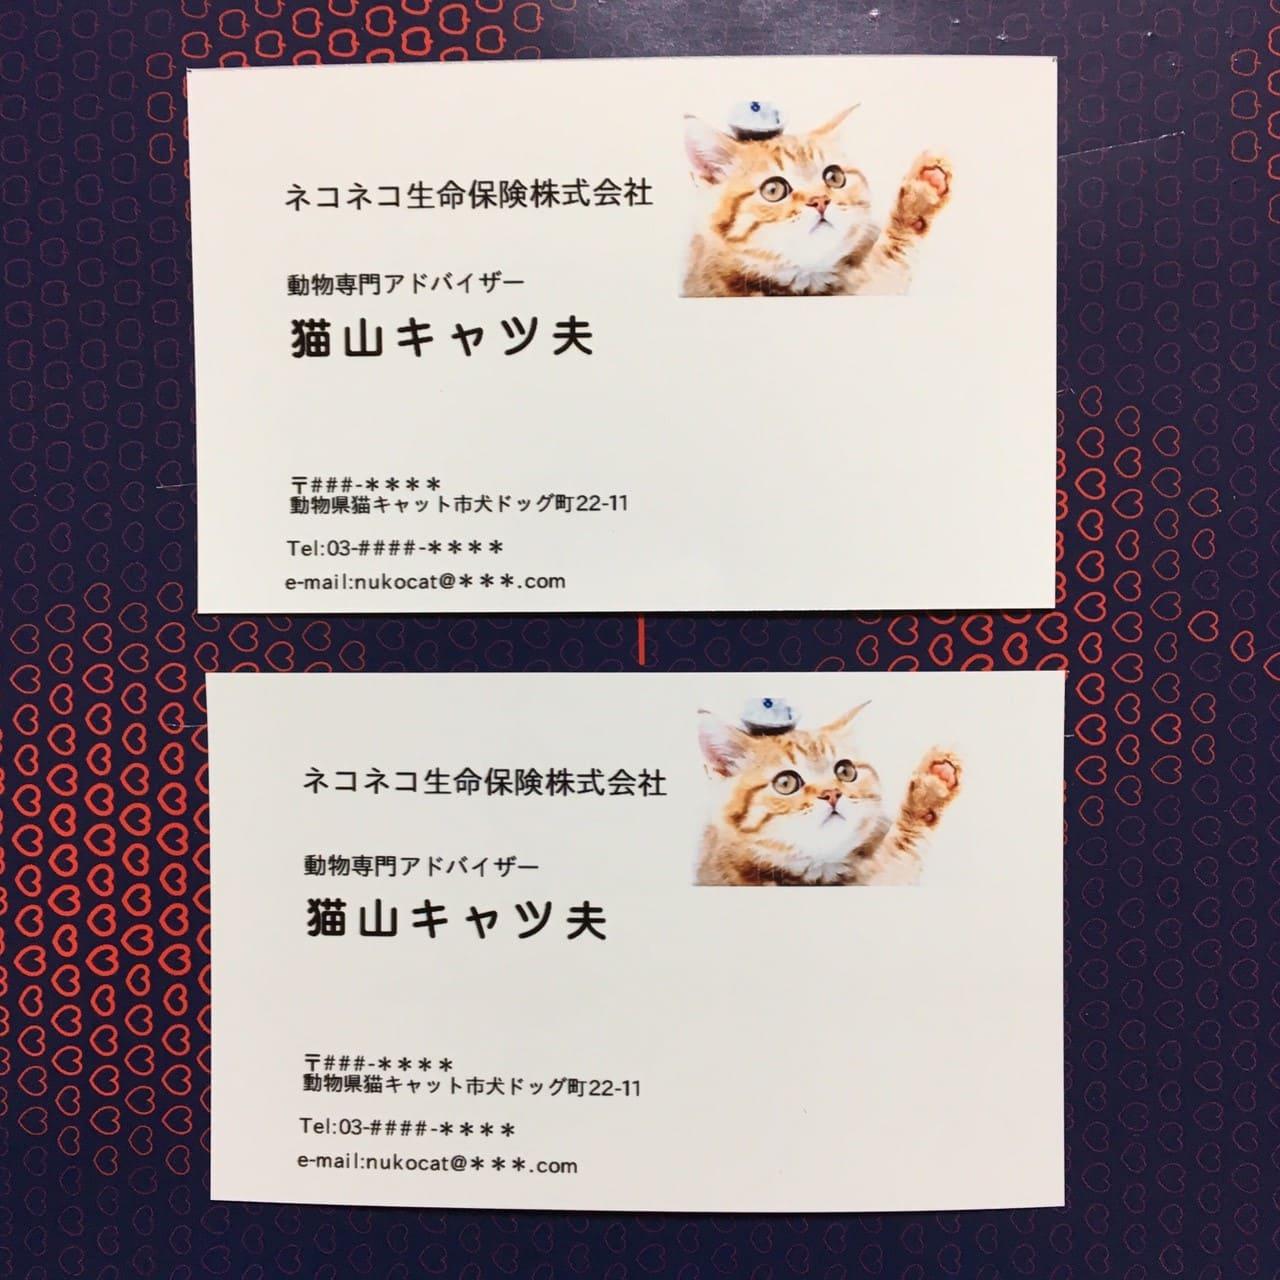 セブンイレブン名刺印刷方法41